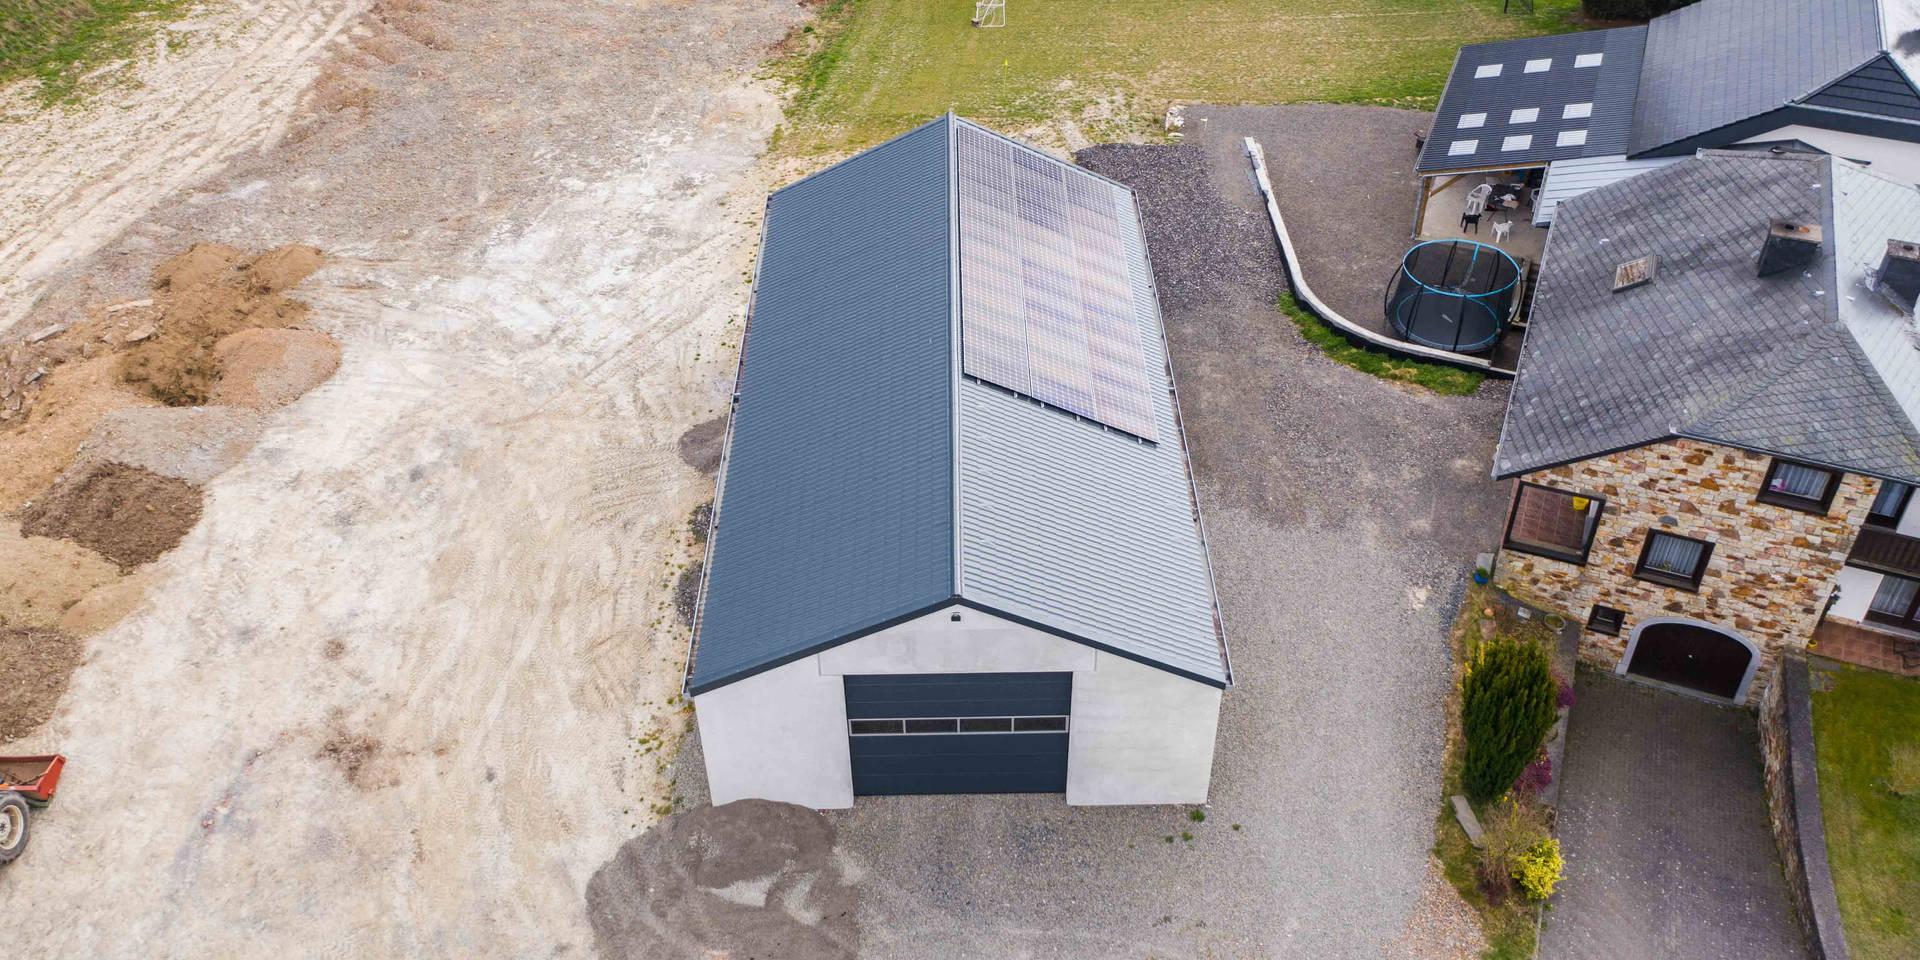 Holzhallenbau, Freizeithalle, Balkenlage, Satteldach, Vollholzbinder, Betonelemente, Sektionaltore